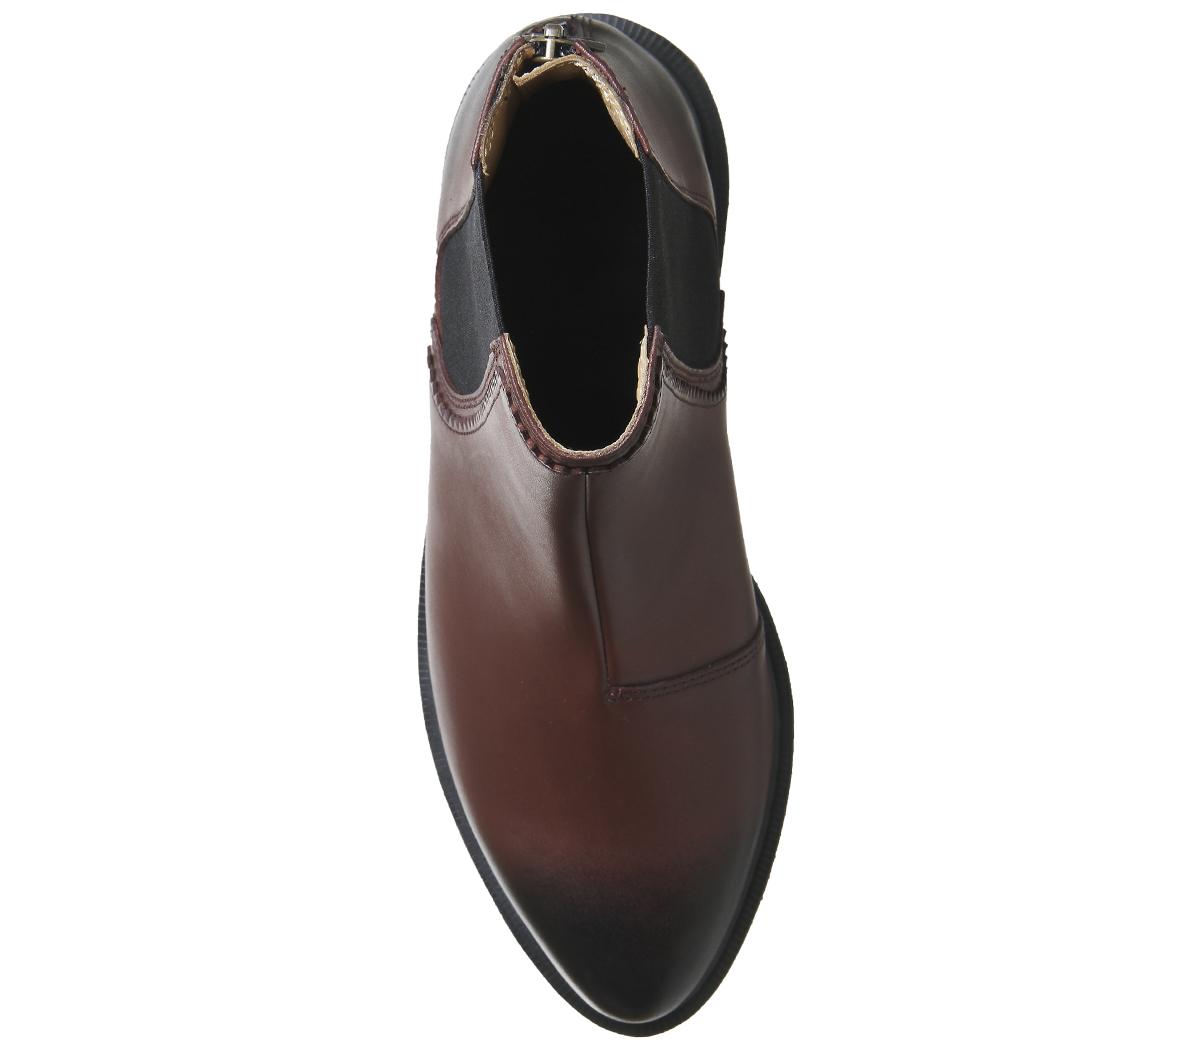 la dre martens zillow chelsea bottes cherry cherry cherry Rouge  boots 984d92